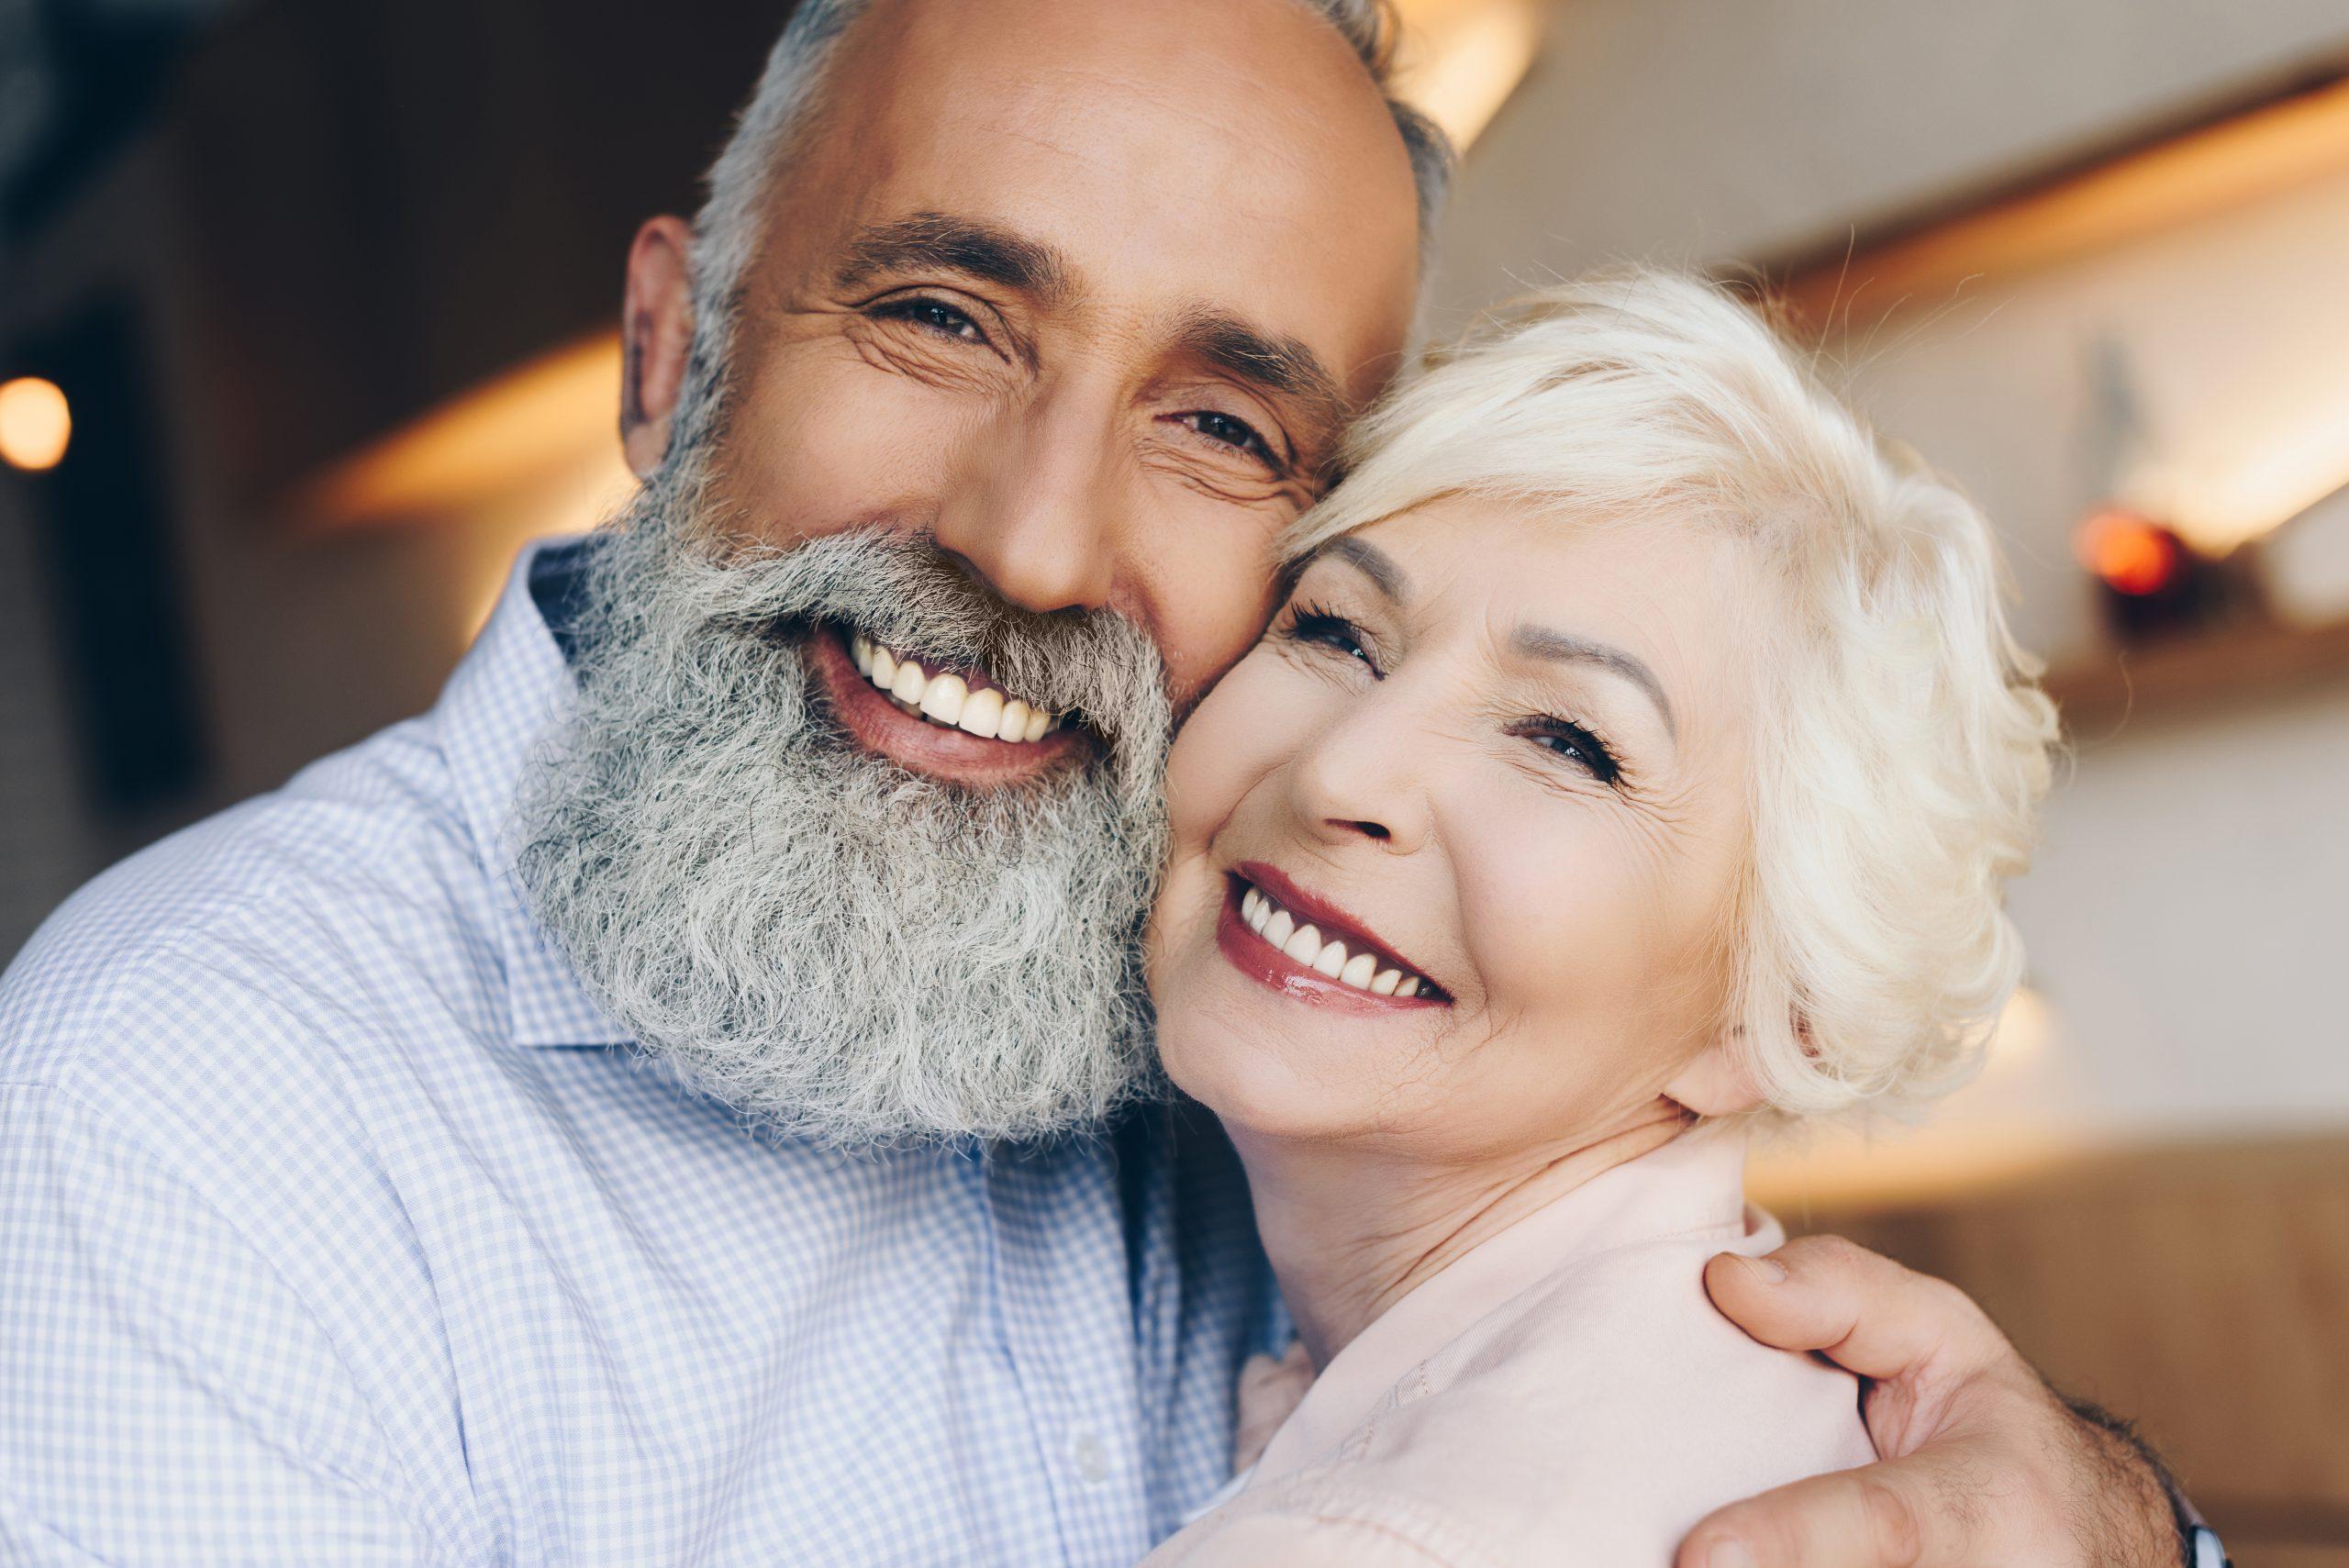 New Dentures - Denture Wearers